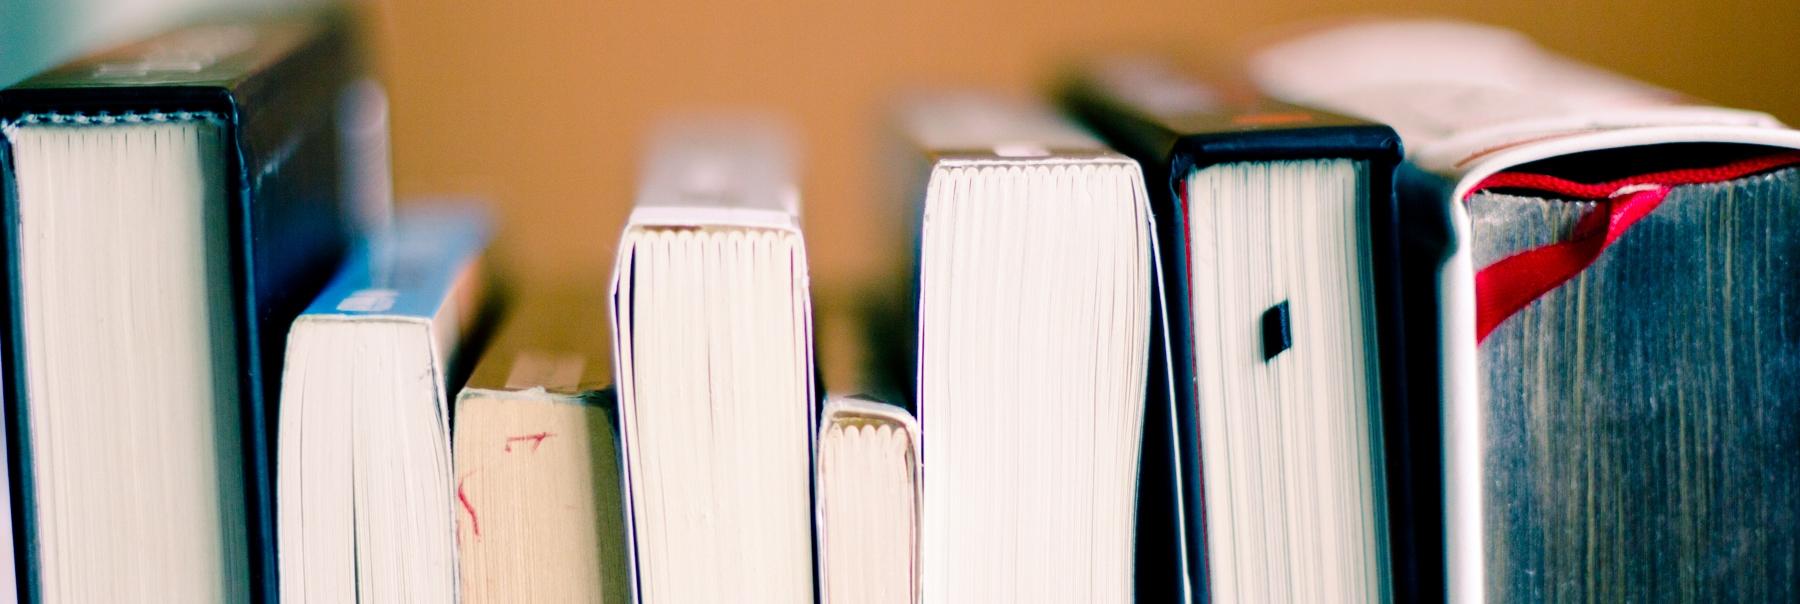 livros-recorte